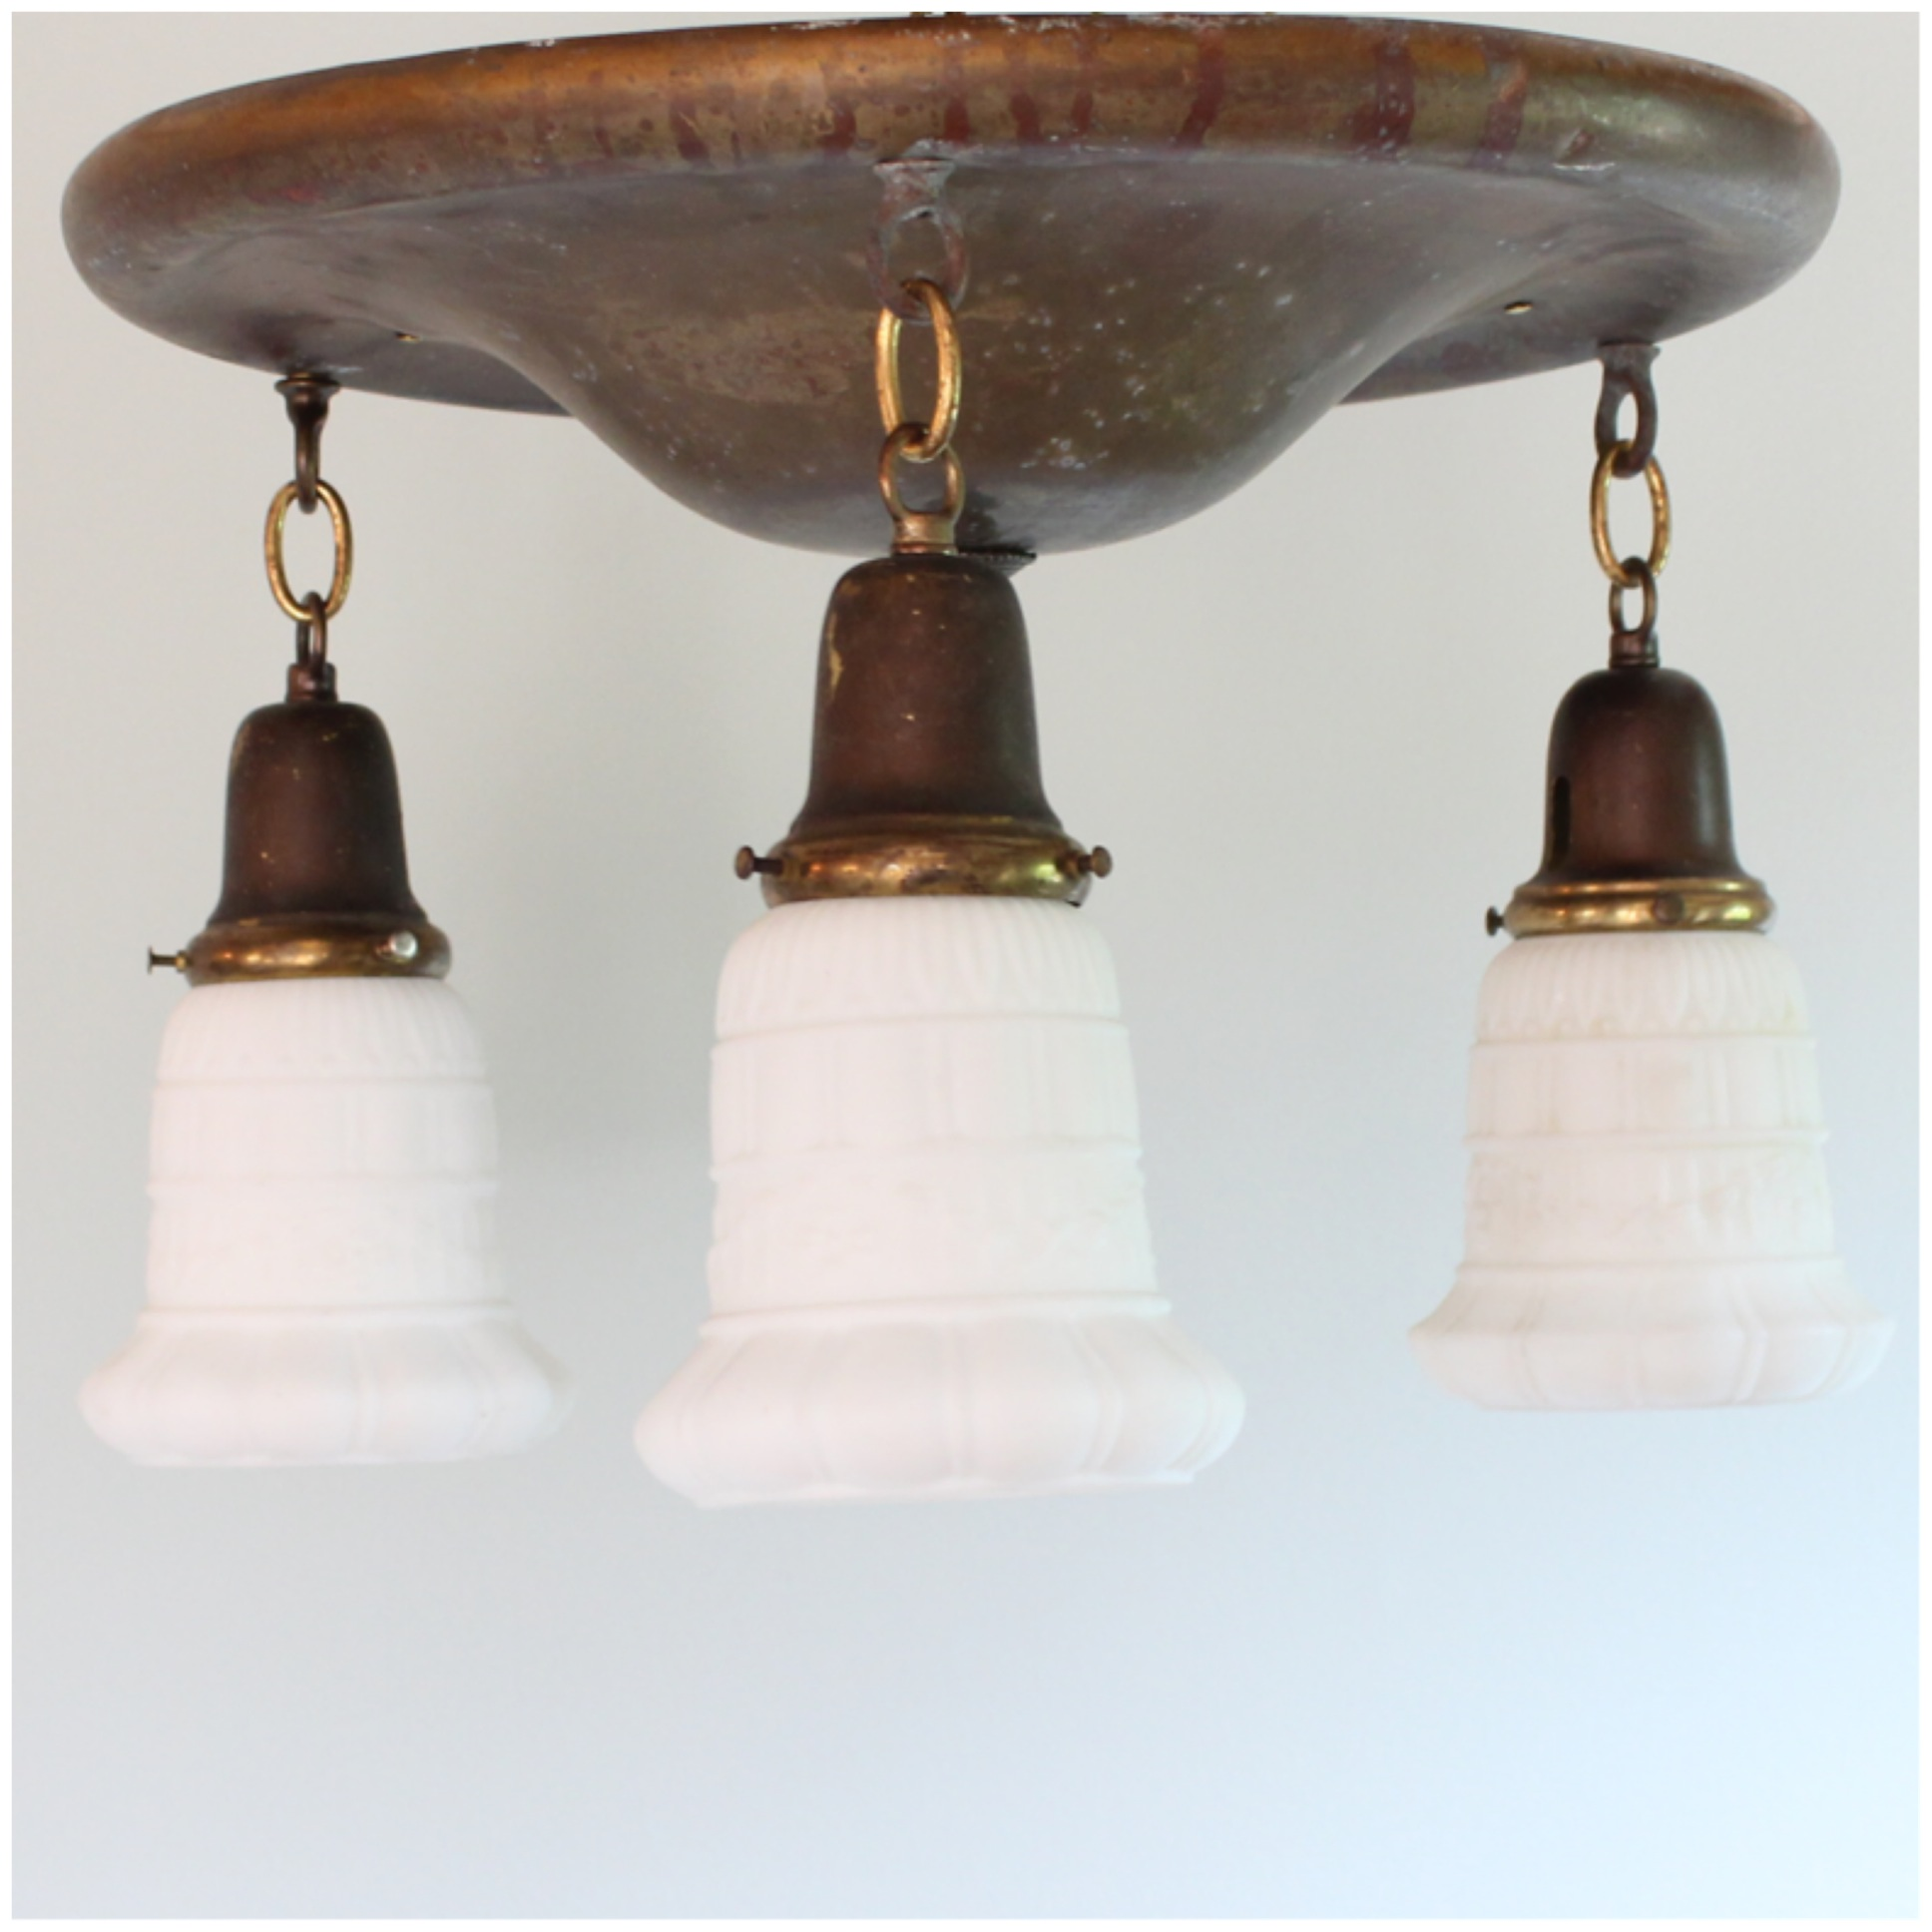 Antique Light Fixtures Vancouver